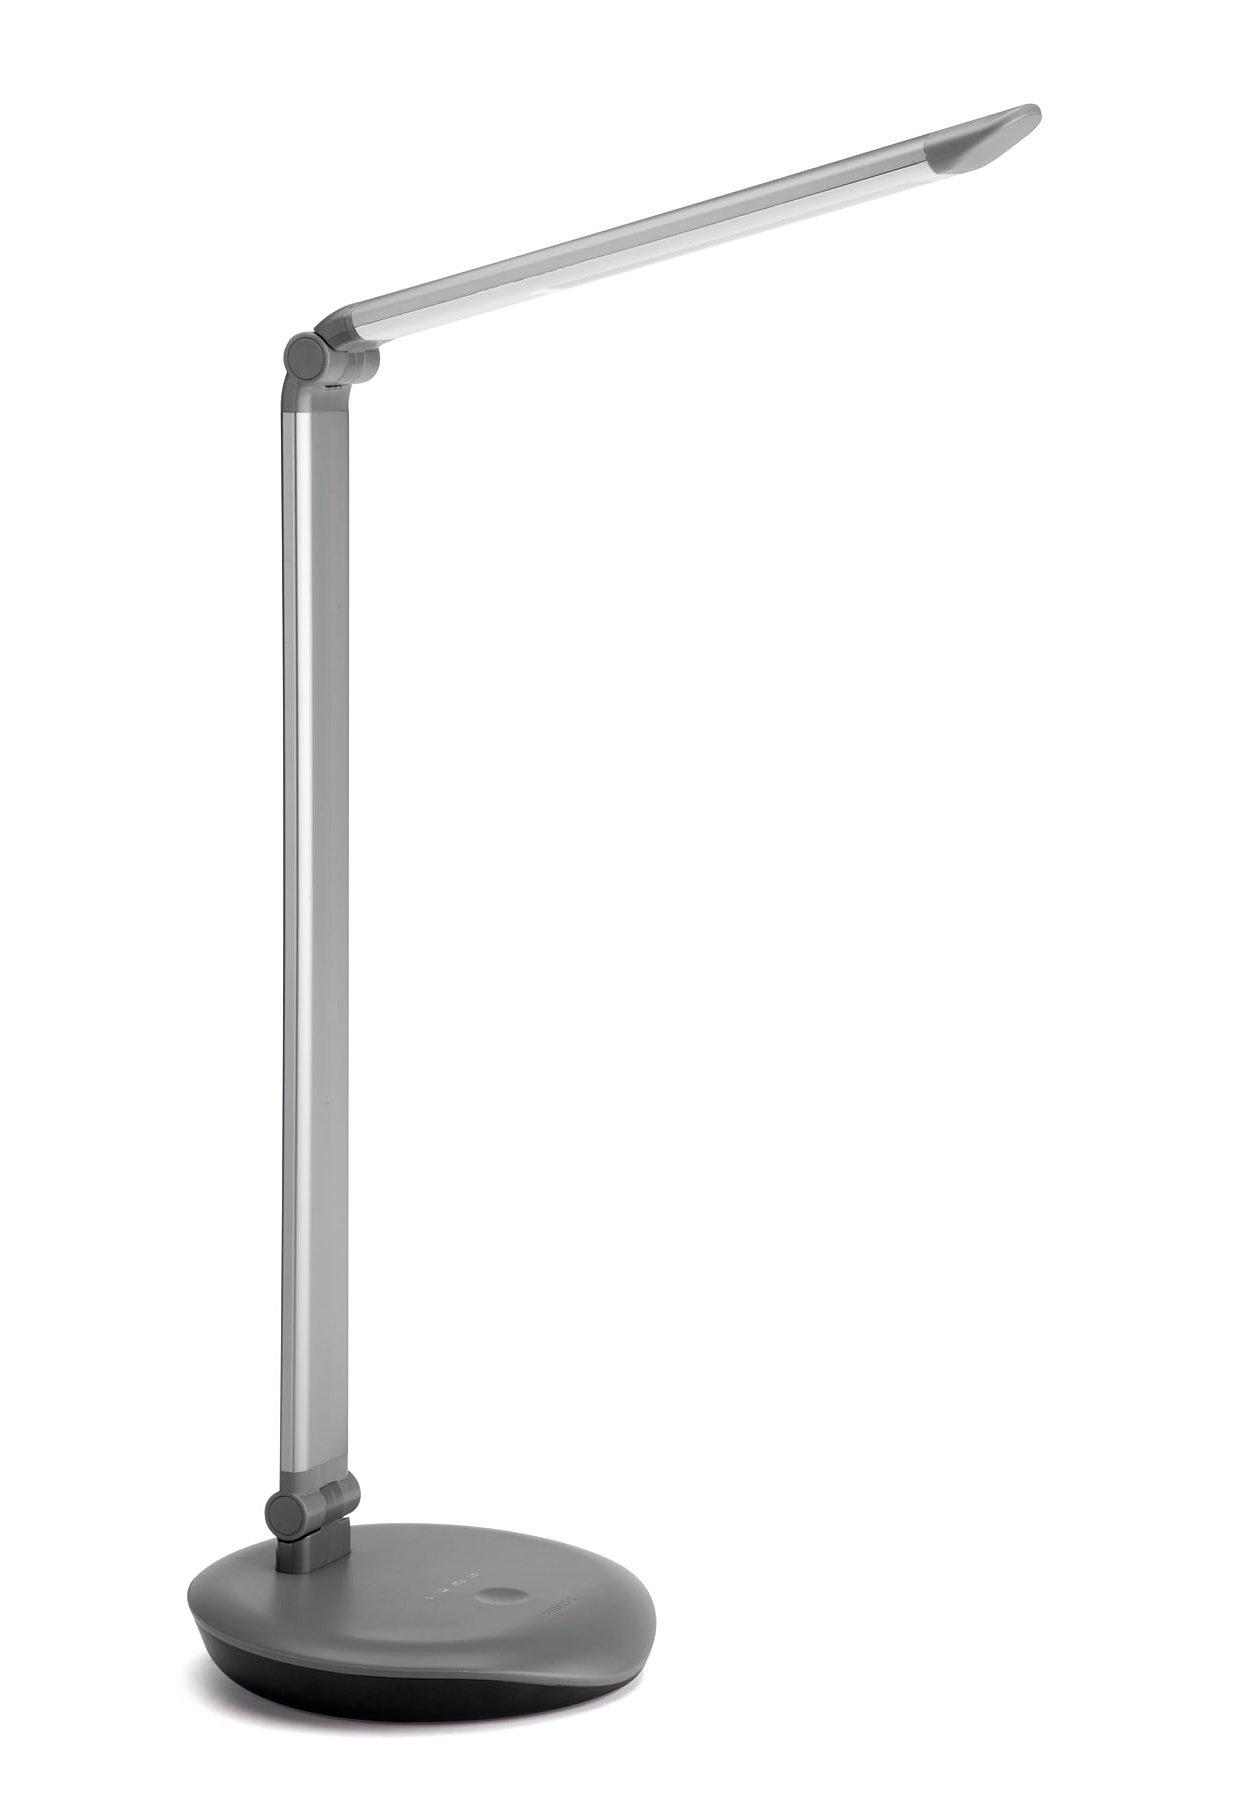 可靠的書桌照明,為您帶來更多便利